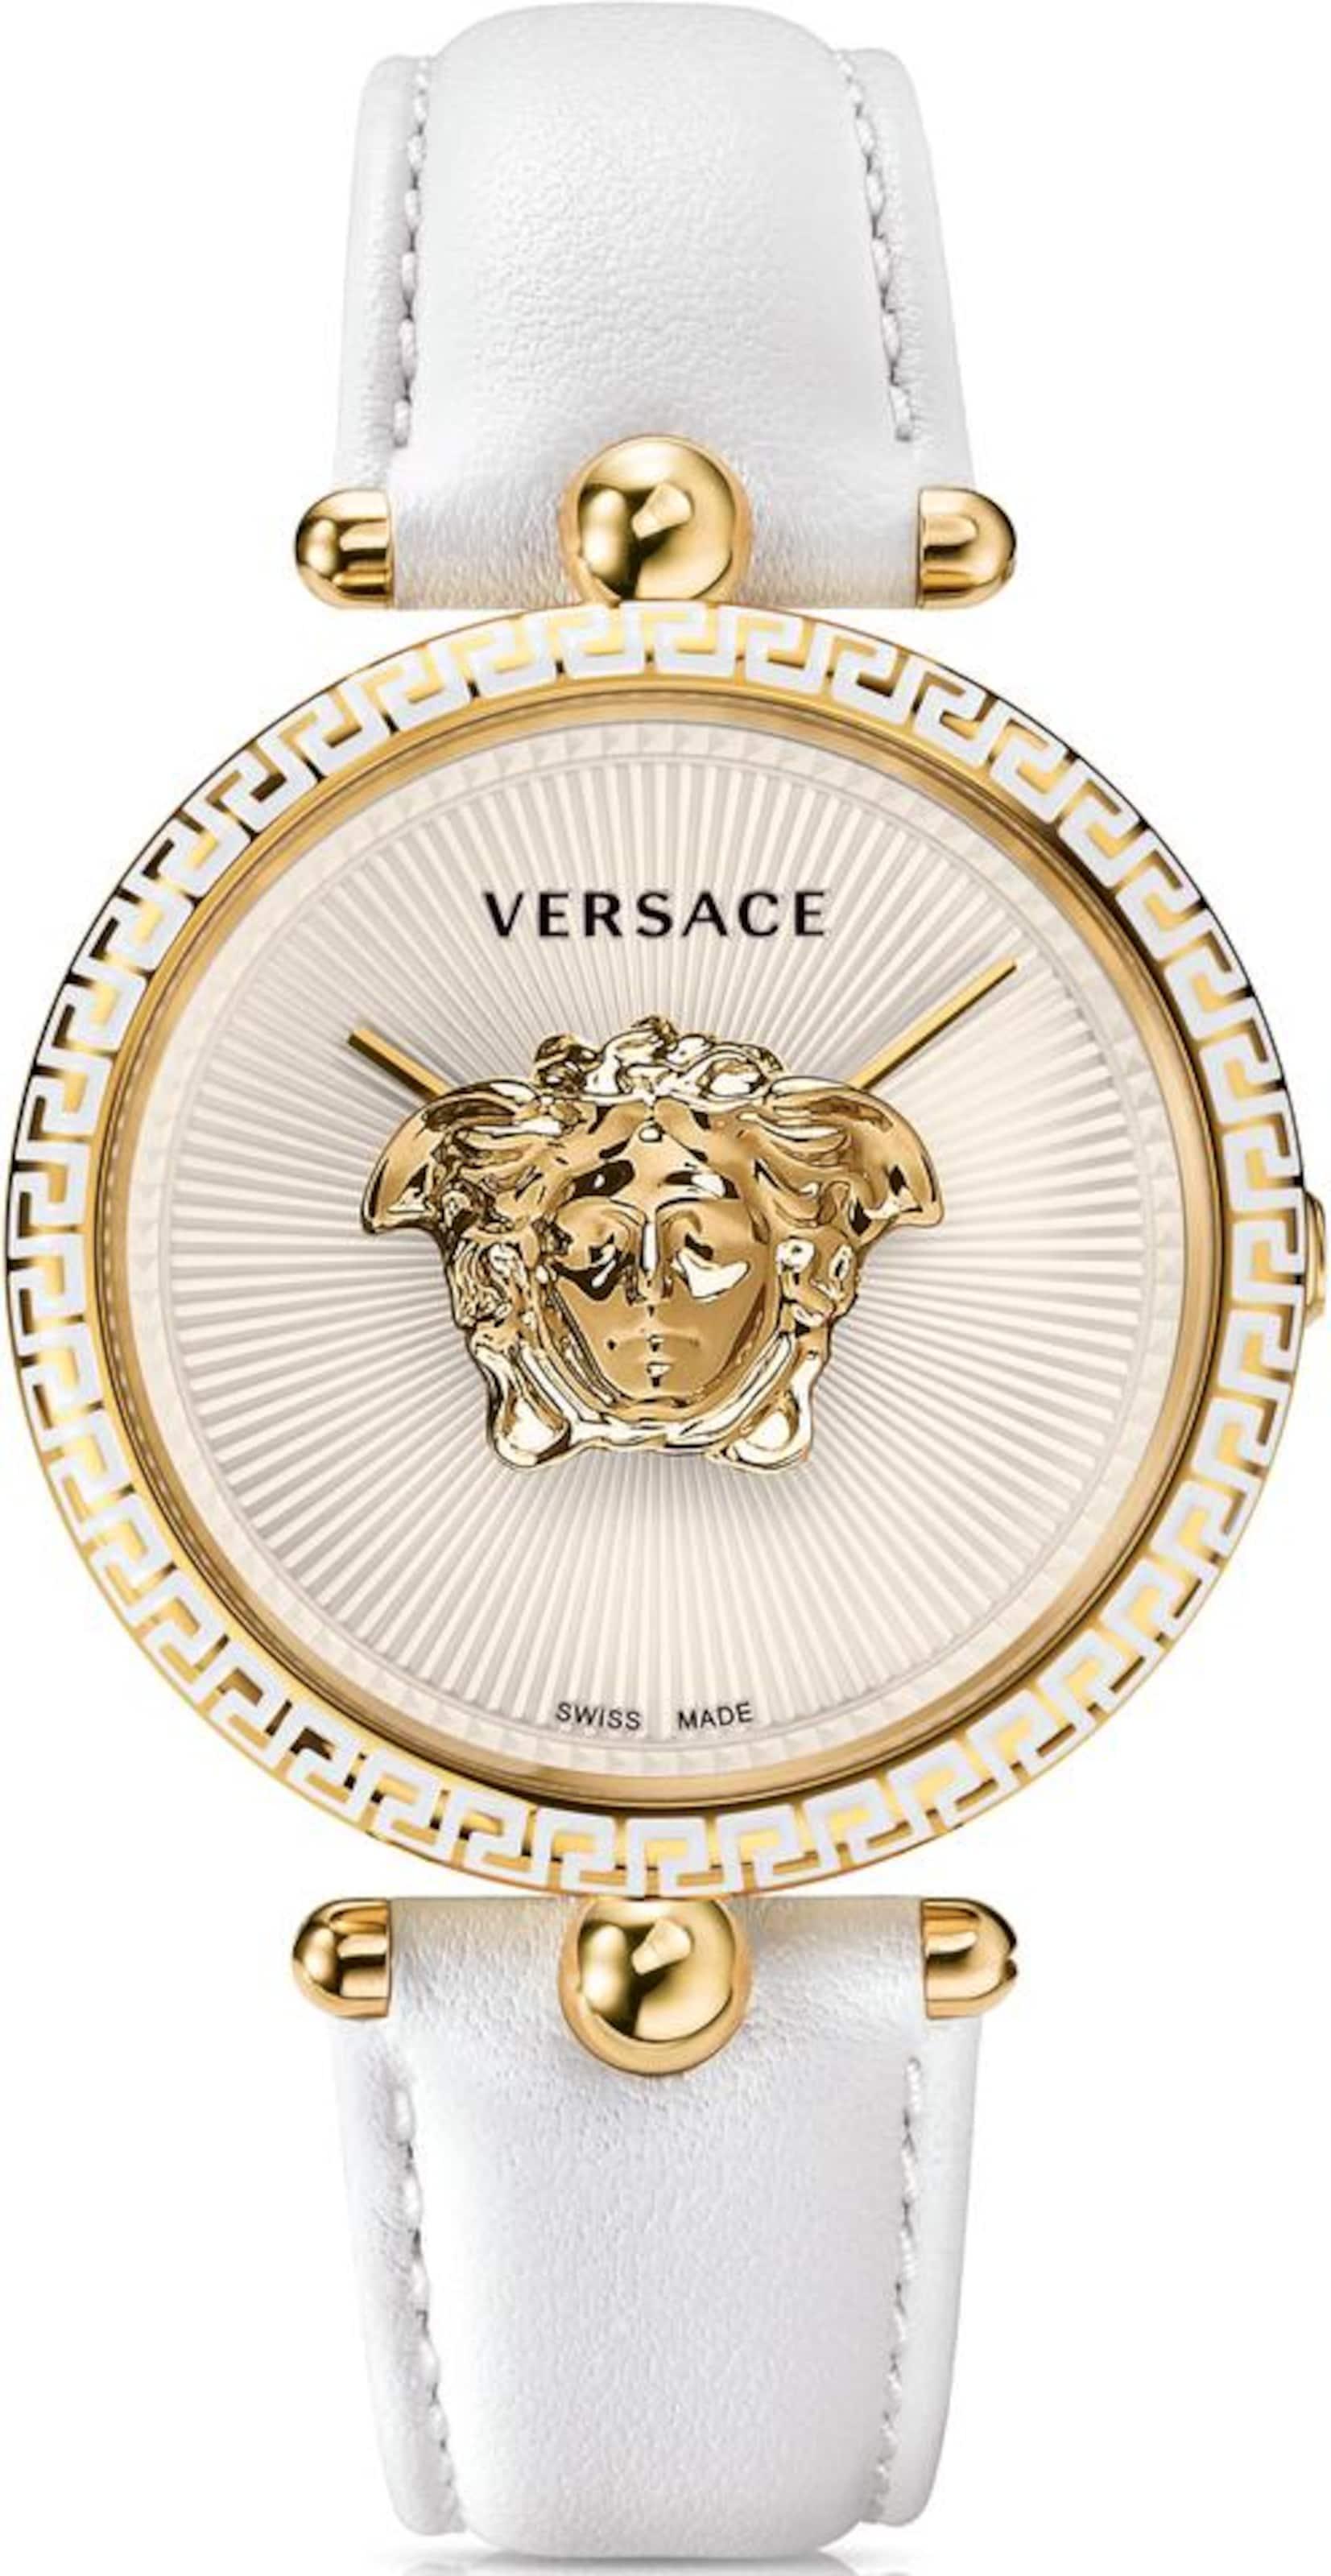 versace - Schweizer Uhr ´PALAZZO, VCO040017´